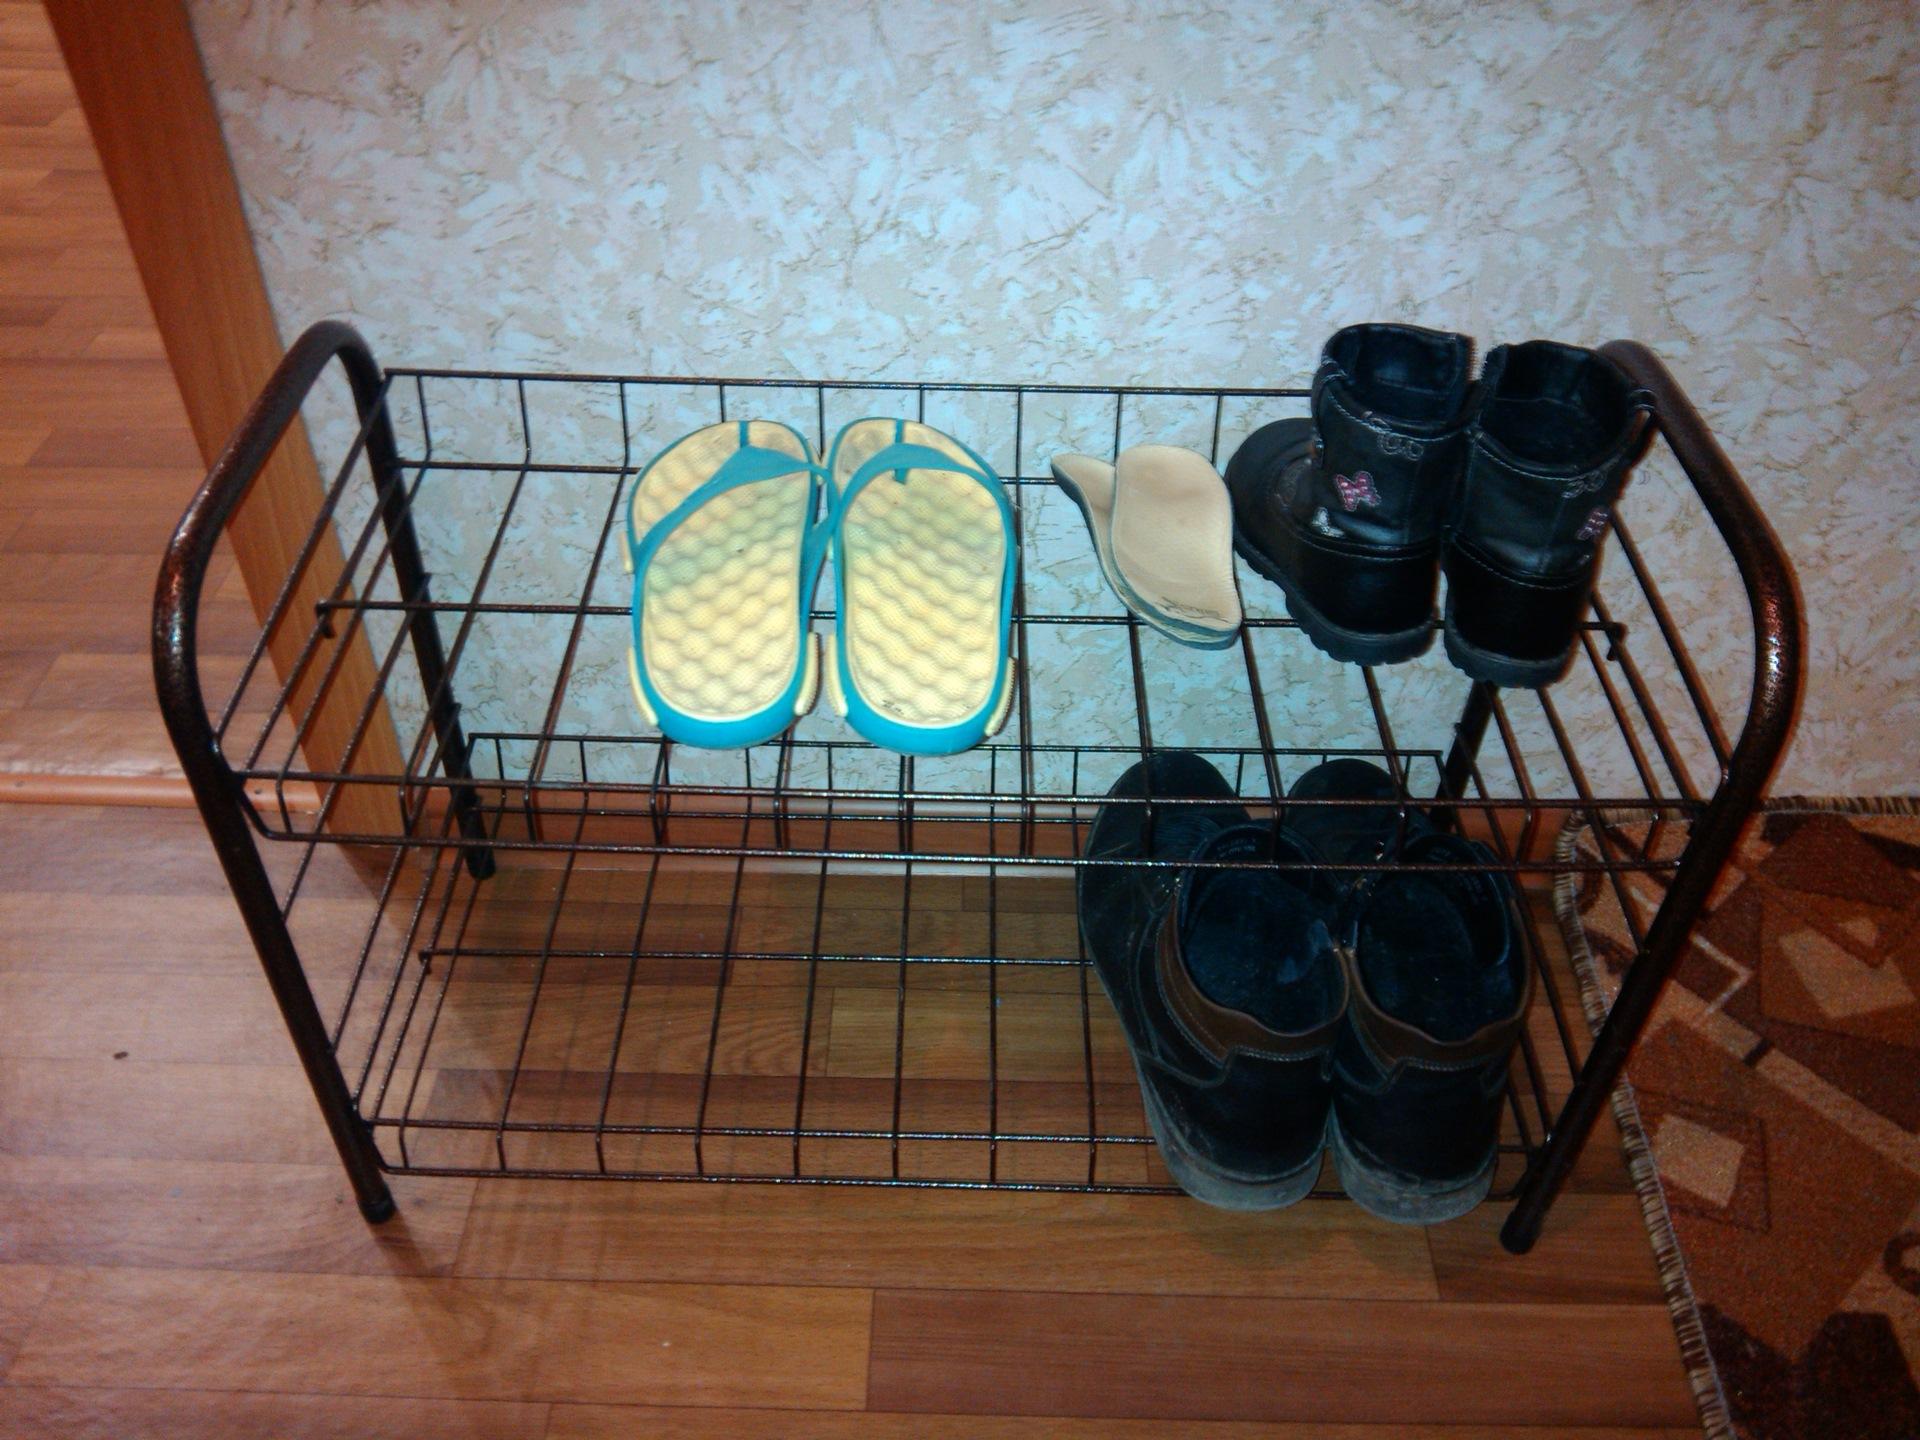 Сушилка для обуви, виды, особенности эксплуатации, производители